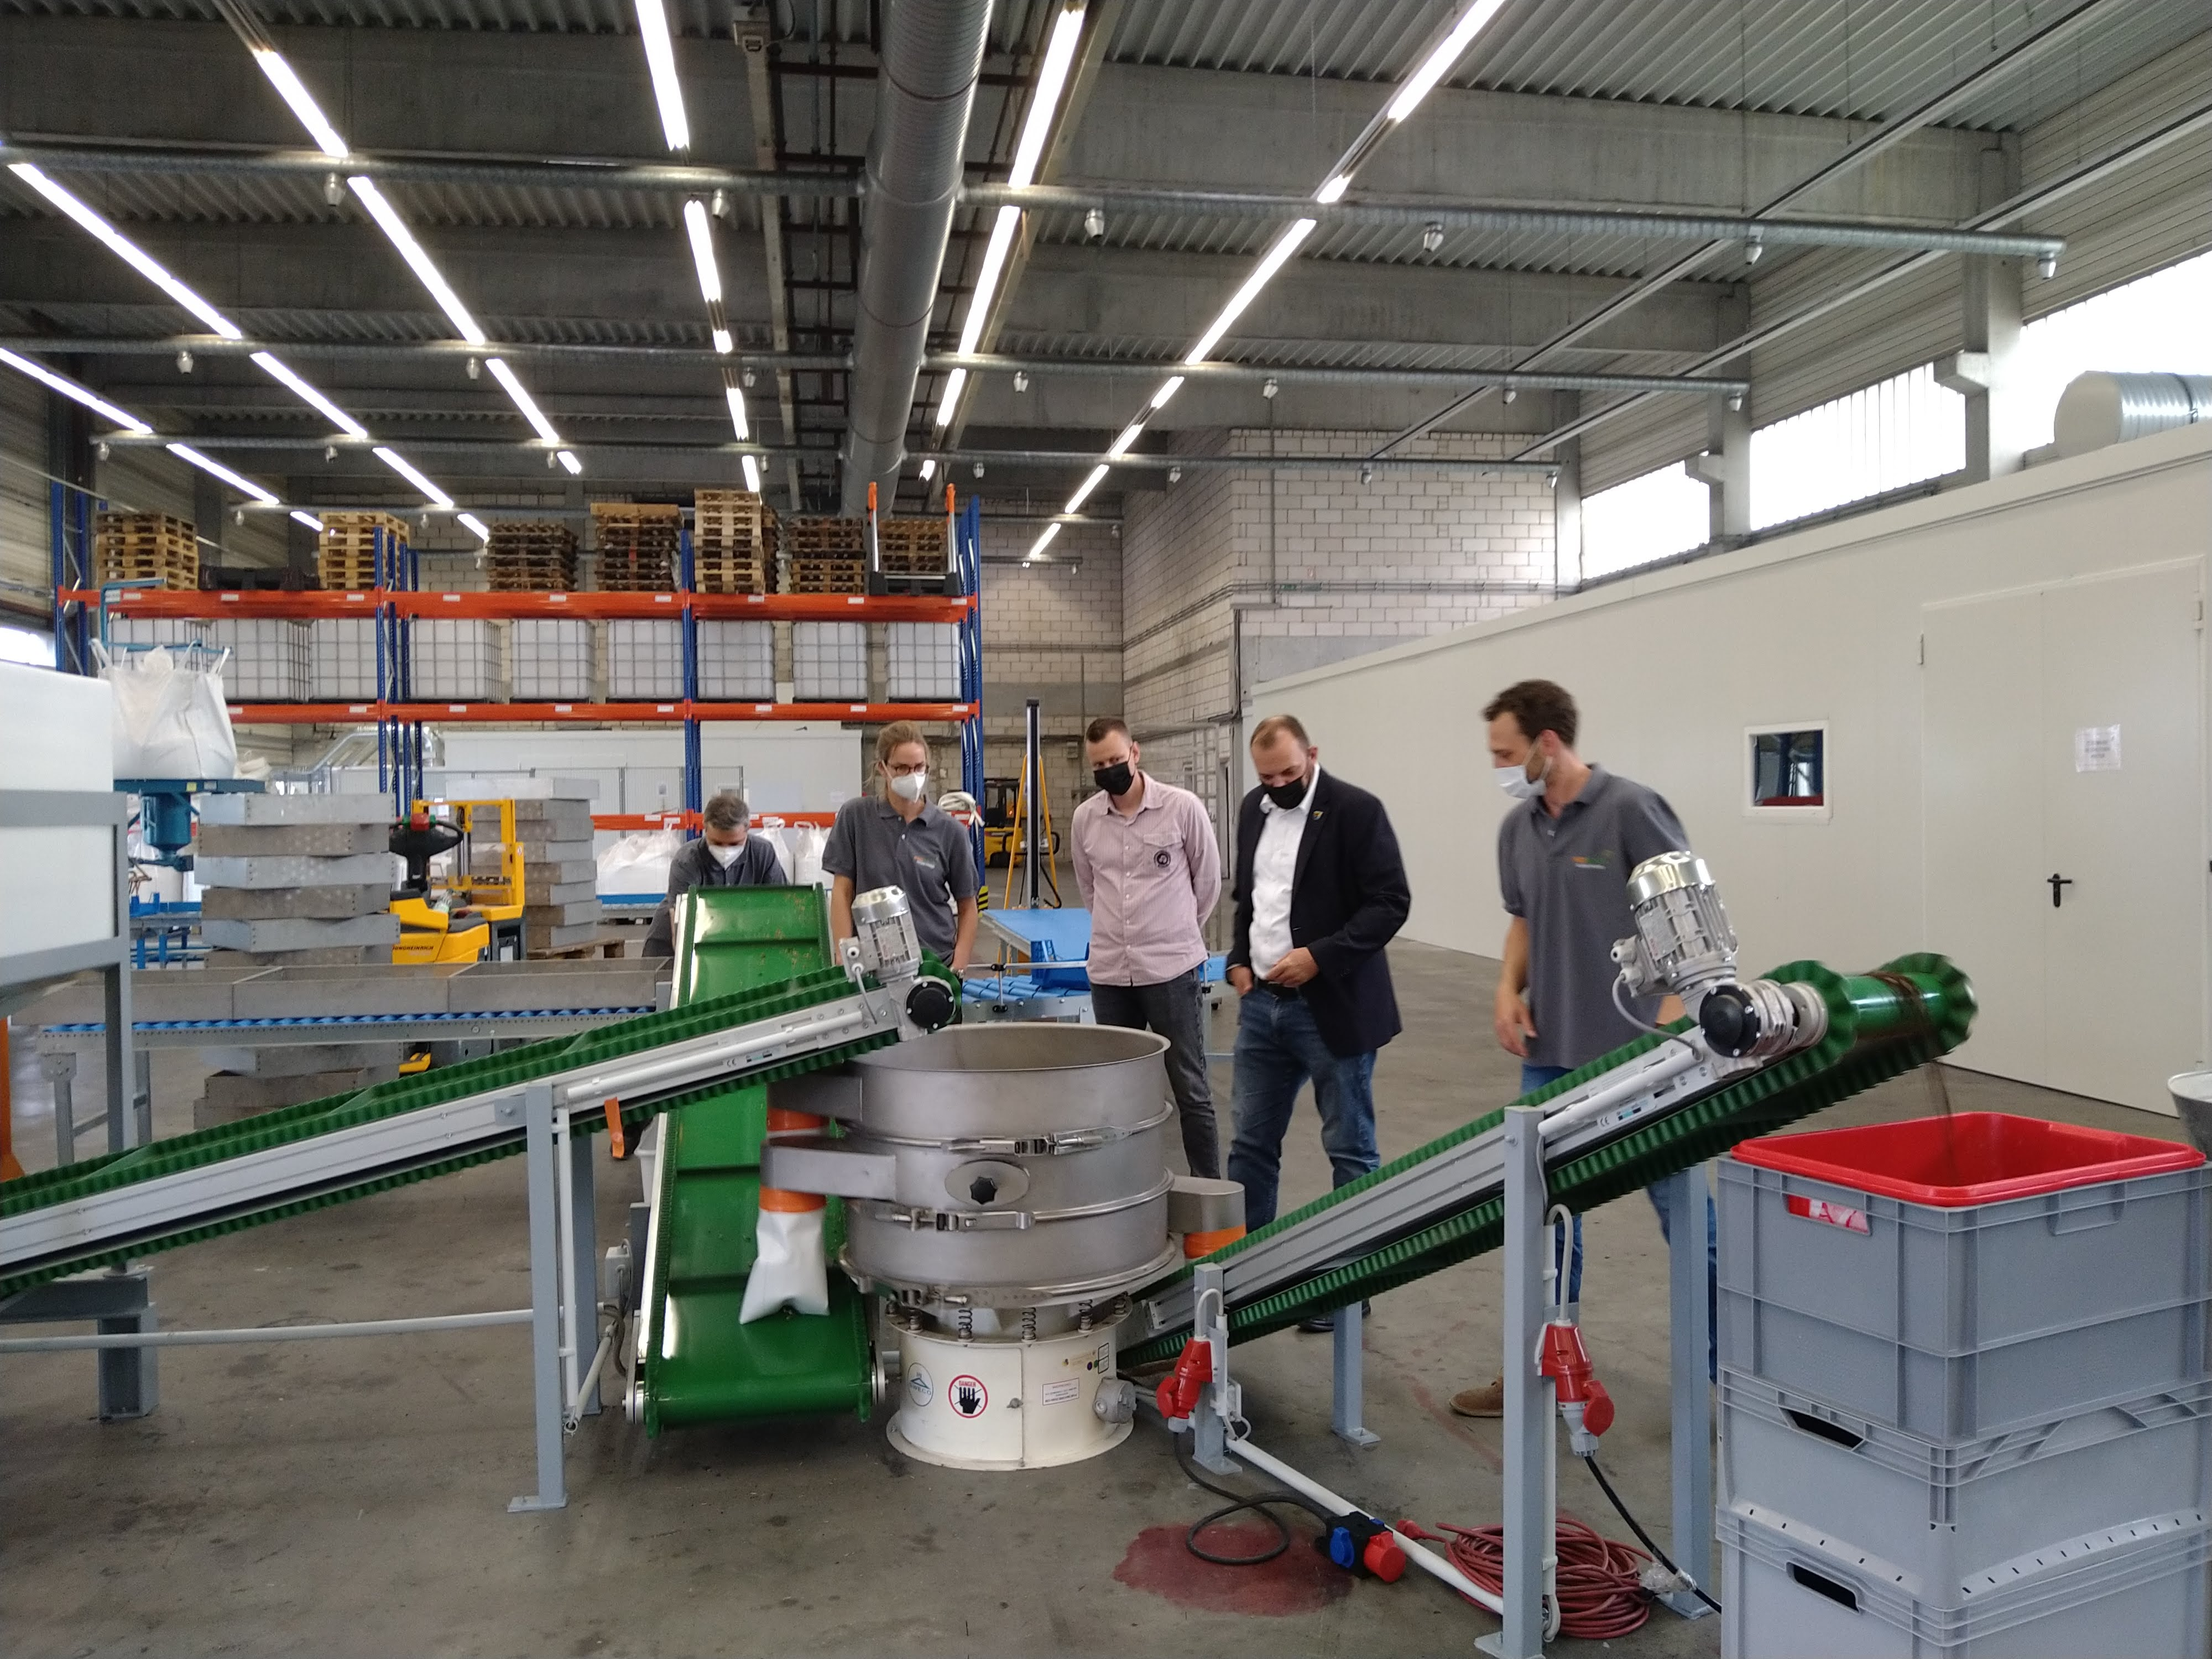 Wirtschaftsförderung in Pfungstadt –SEG und Bürgermeister zu Besuch bei der PROBENDA GmbH